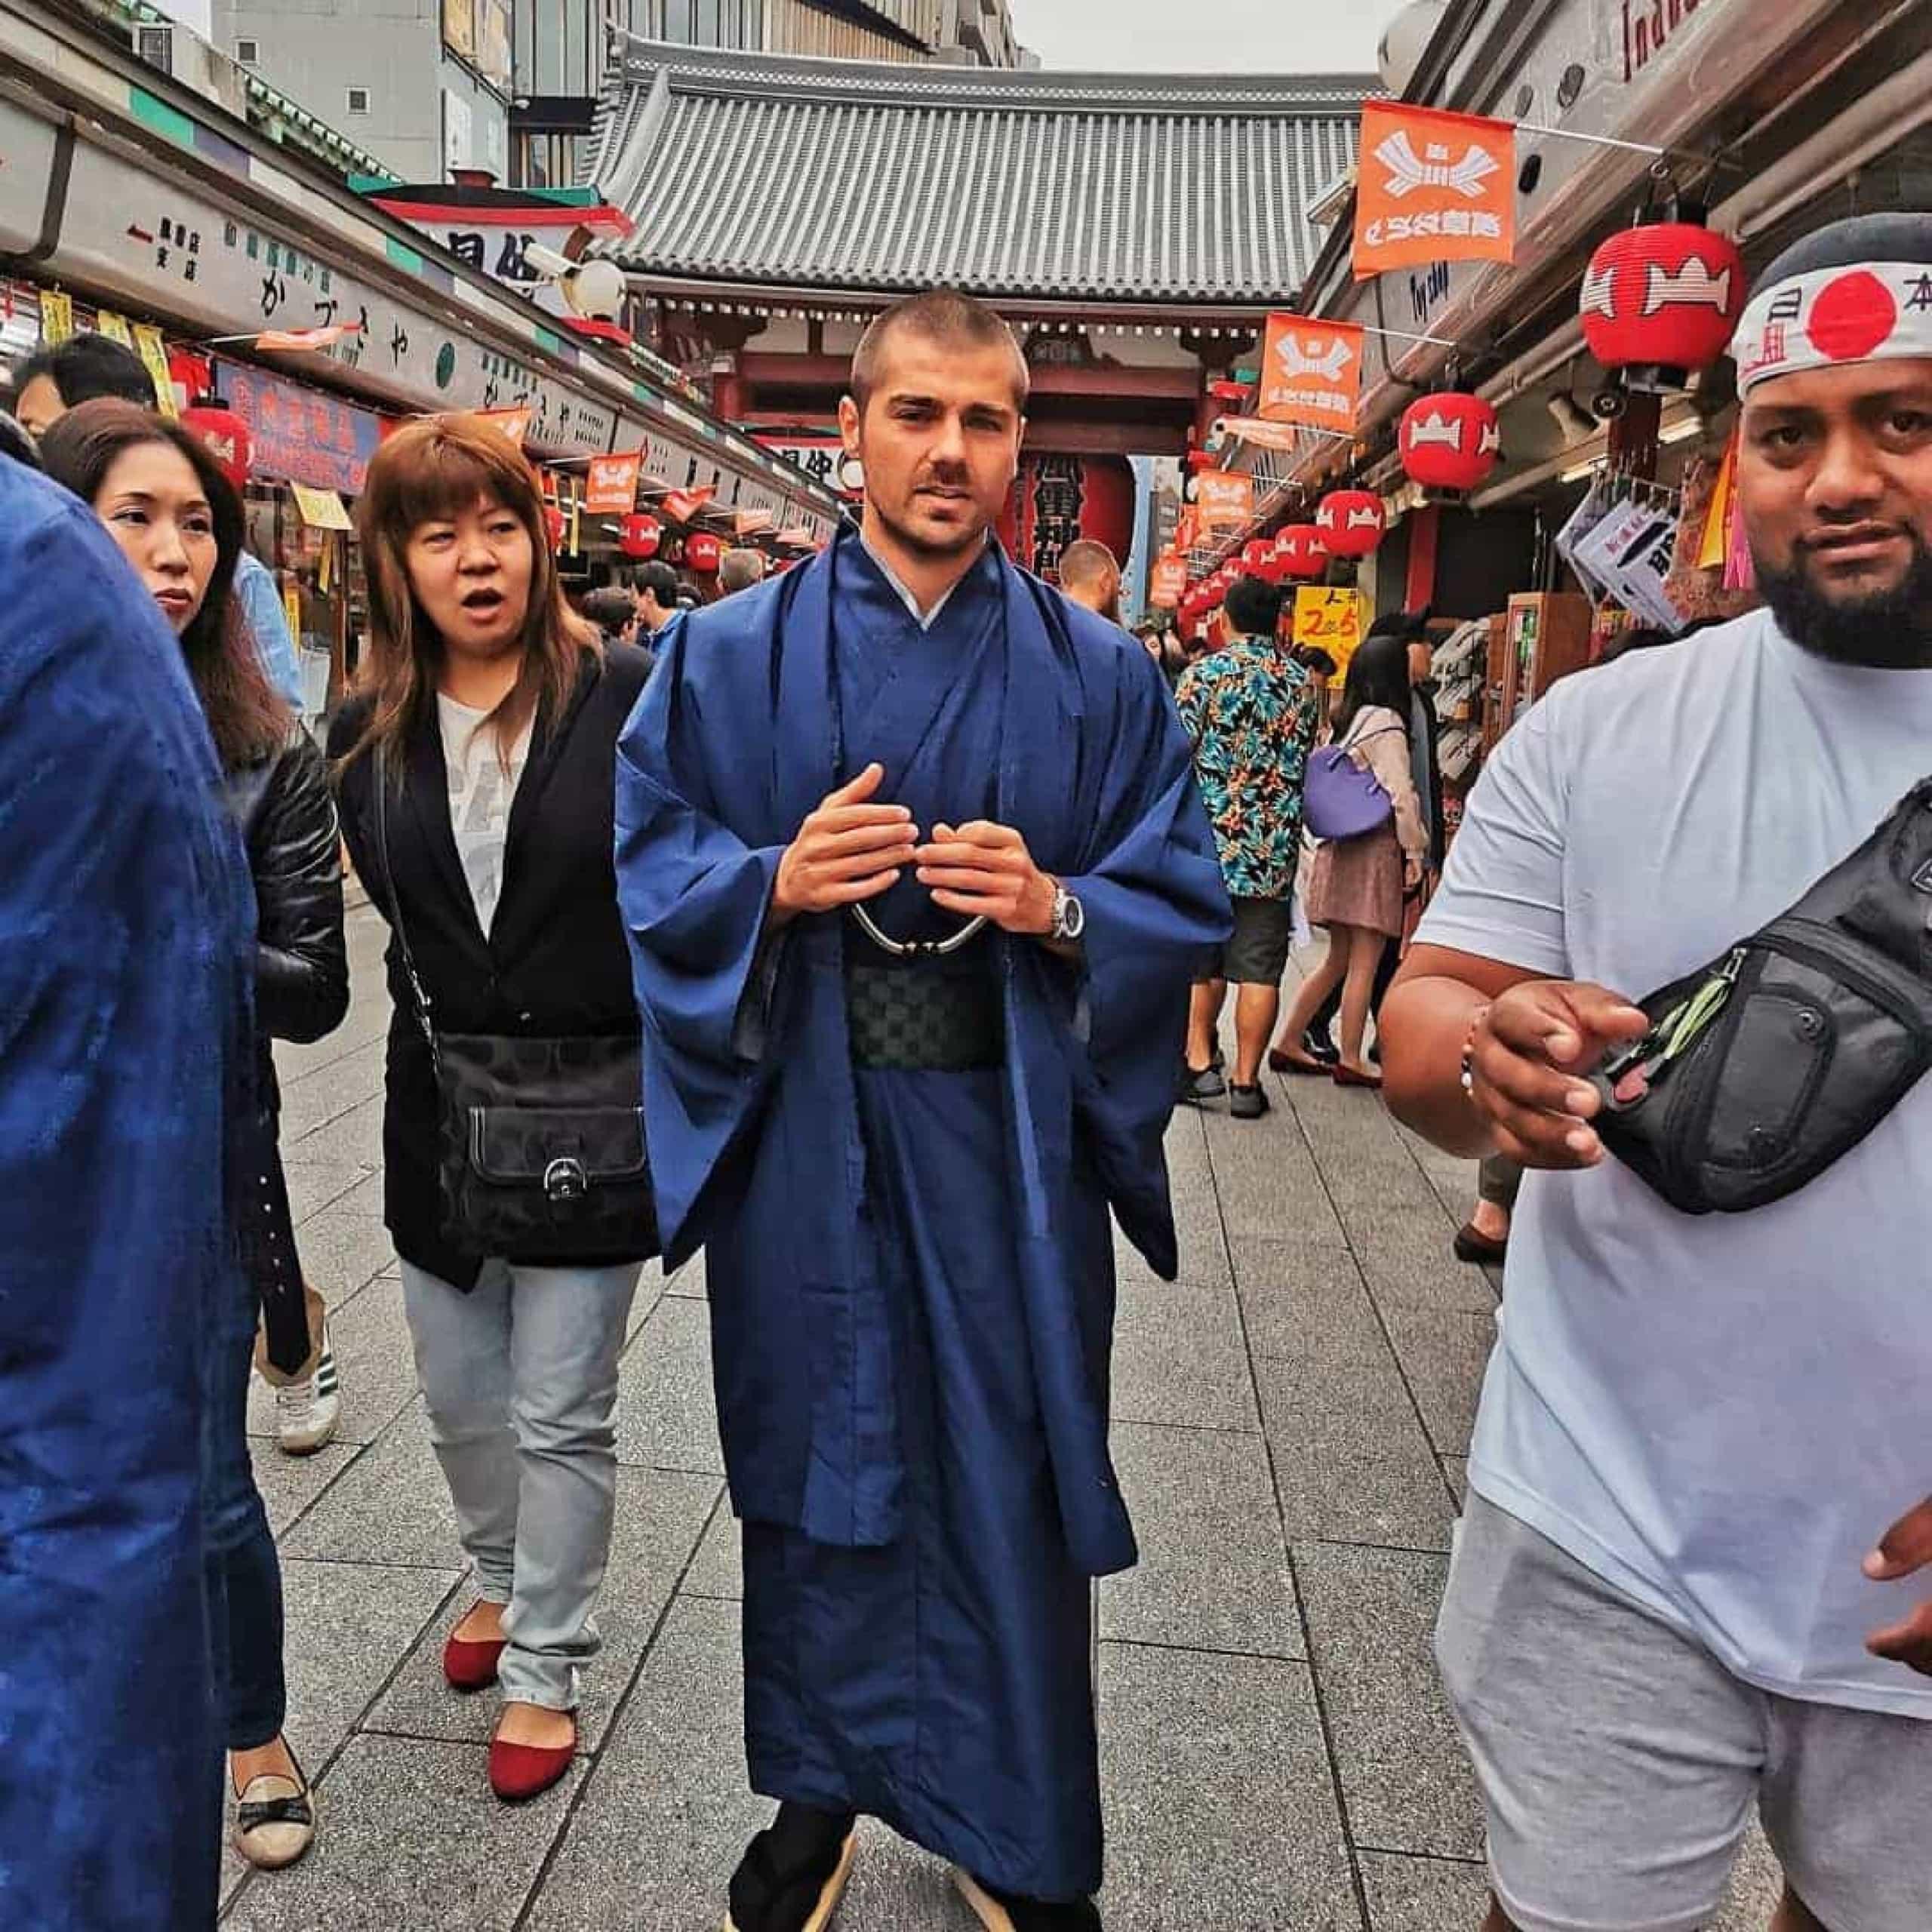 Que belo kimono! Lourenço Ortigão vestido a rigor no Japão